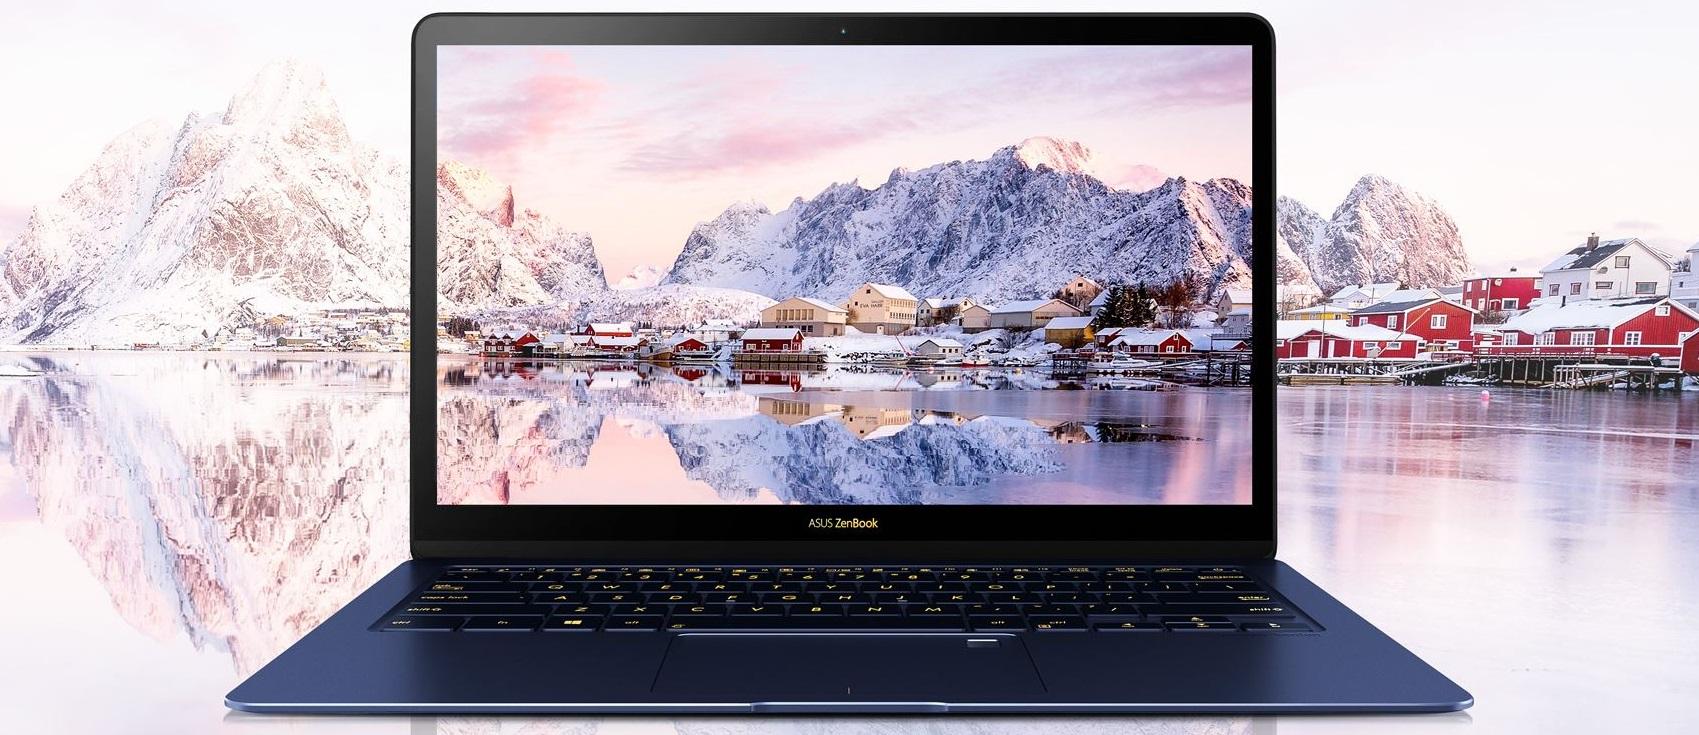 Asus ZenBook 3 Deluxe (UX490UA): Ultrabook de 14″ y 12.9mm de espesor